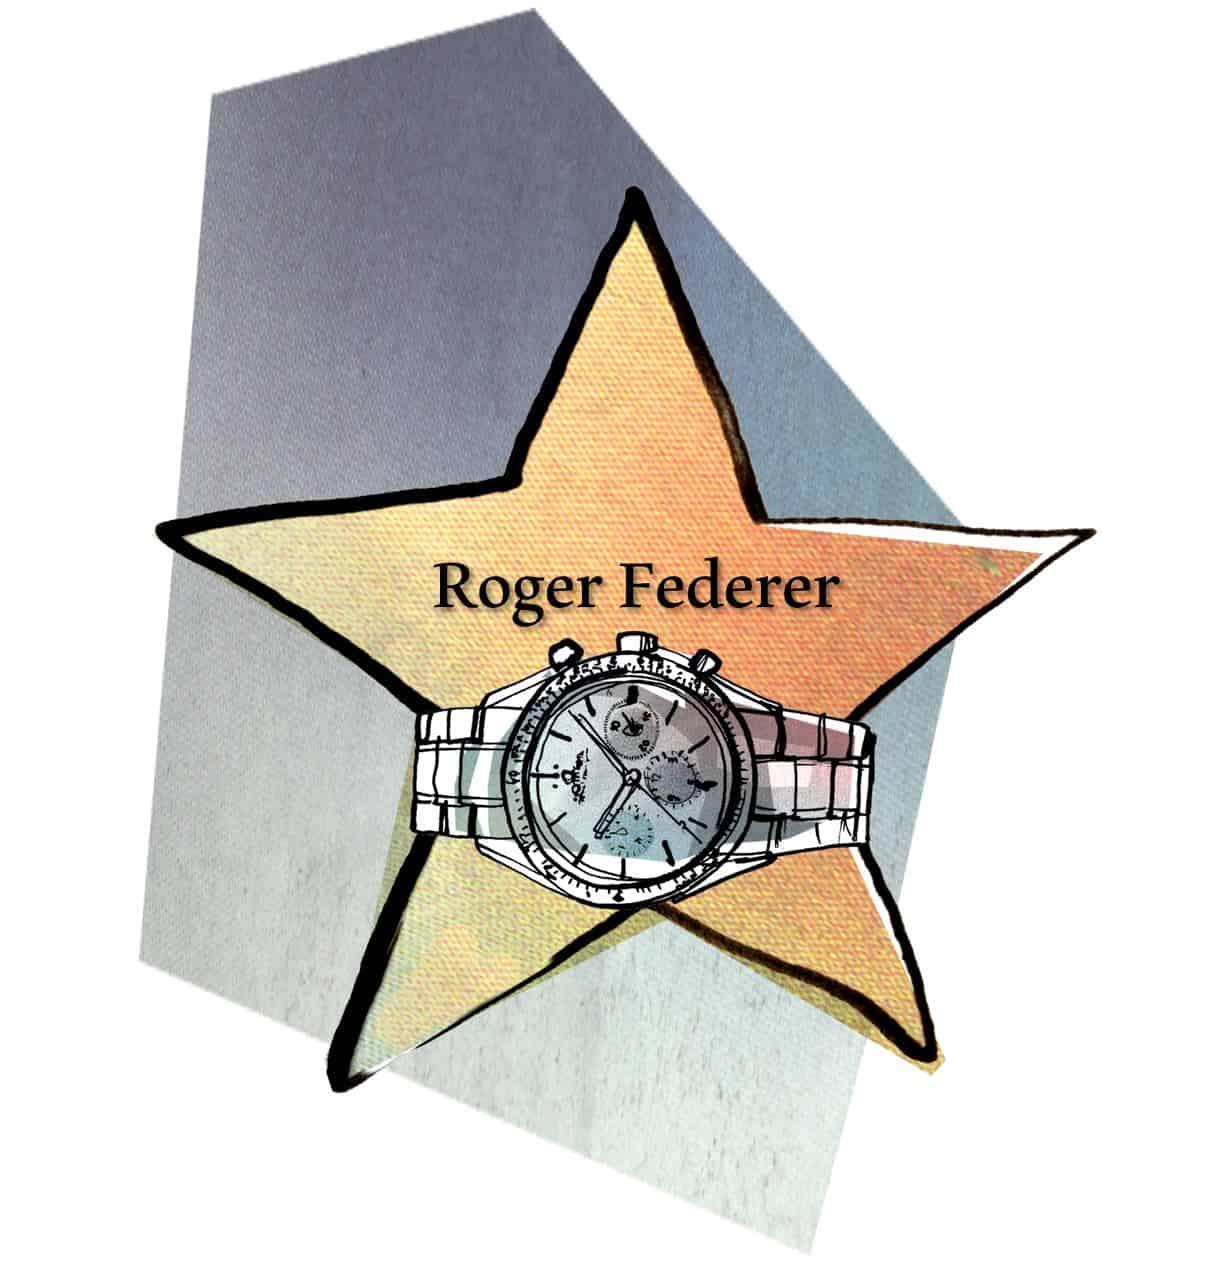 Roger Federer und Rolex in der Serie Watch of Fame